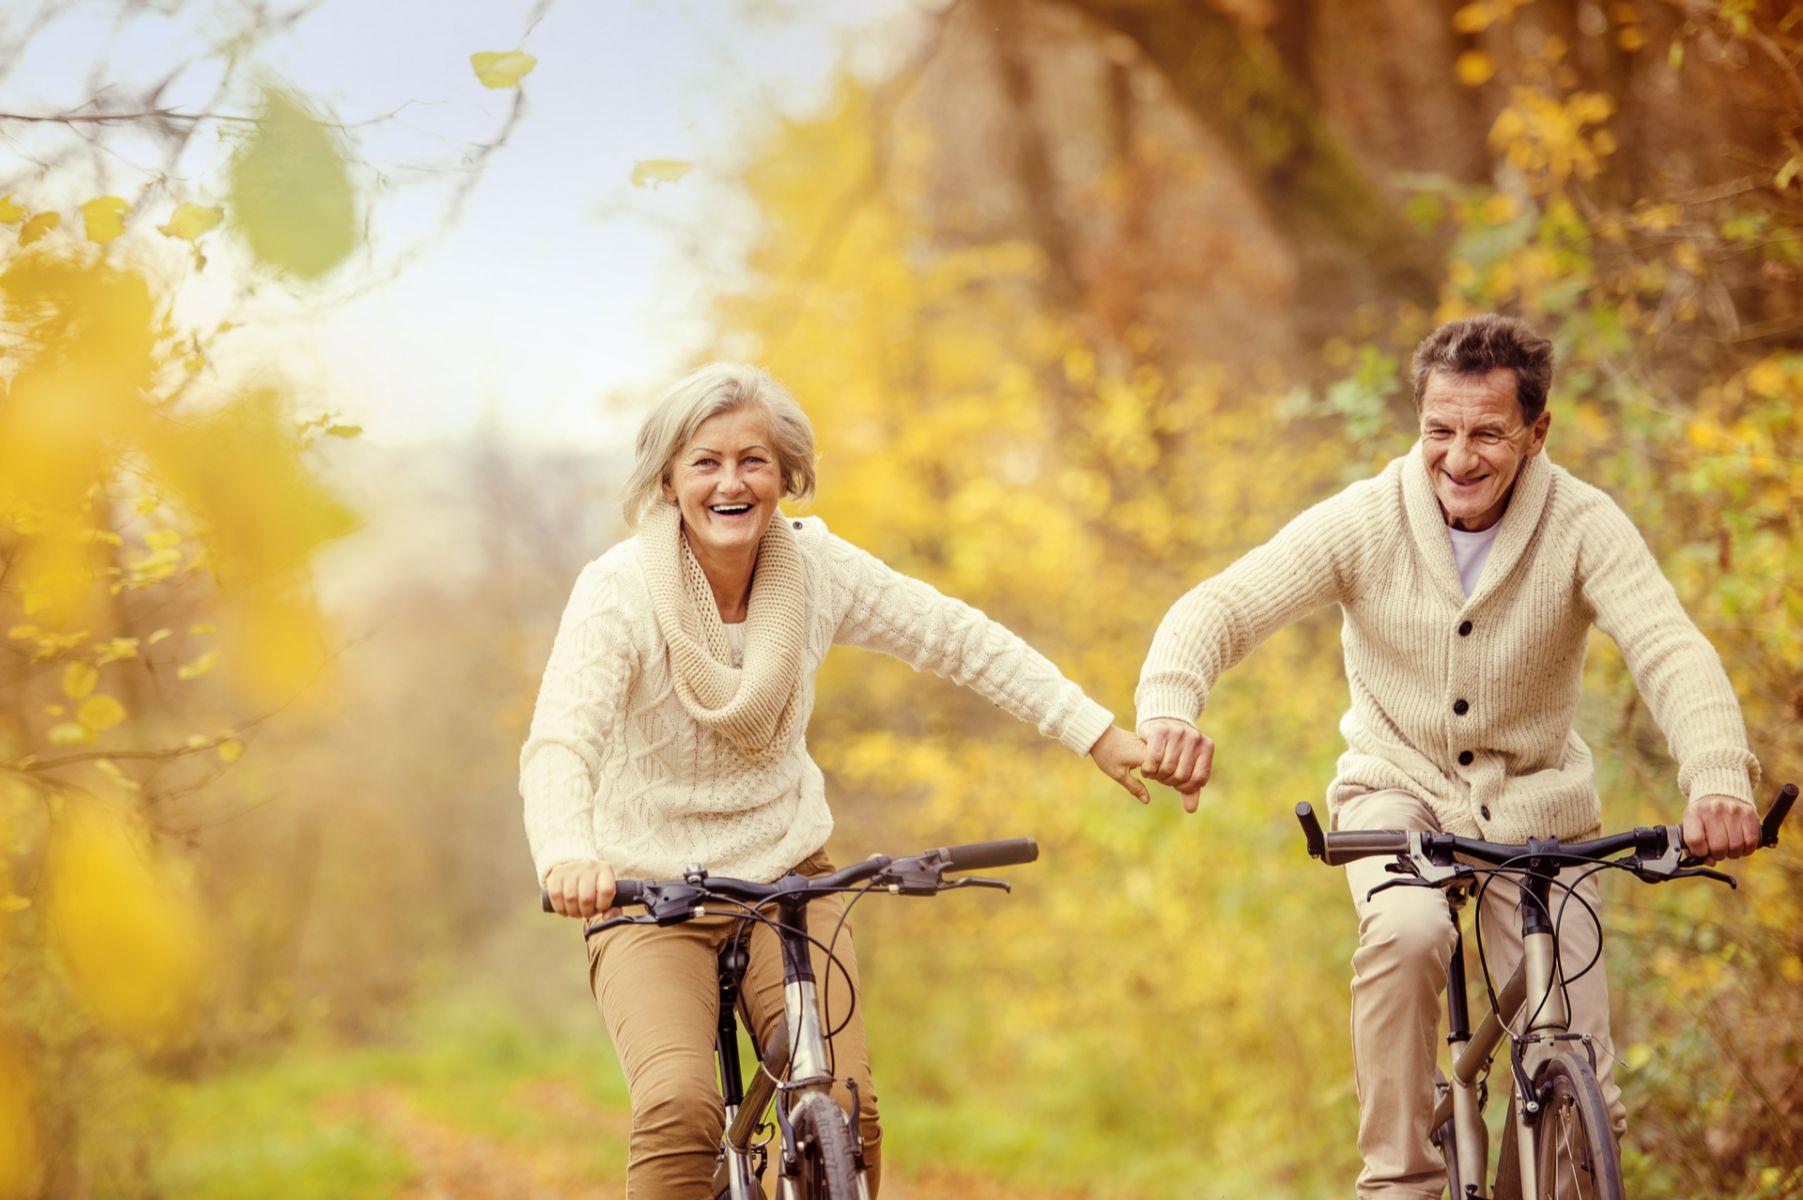 退休後開始充實心靈吧!人人都能過真正富足的生活